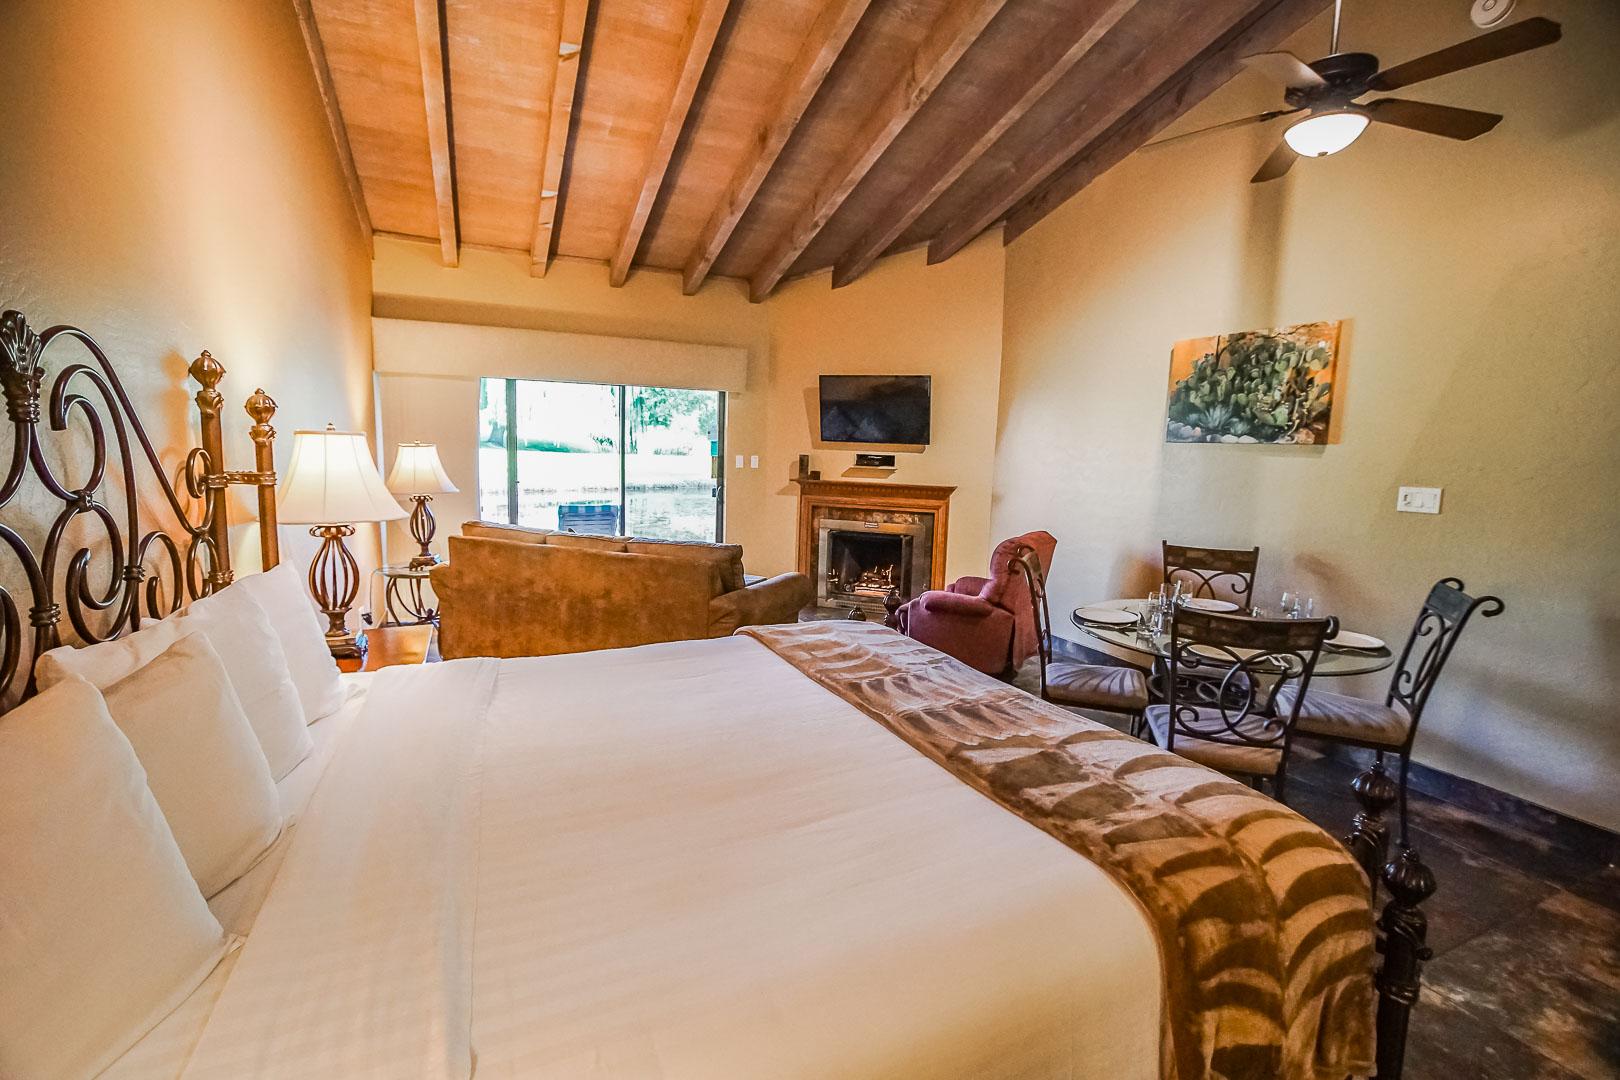 A spacious unit at VRI's Villas at Poco Diablo in Sedona, Arizona.